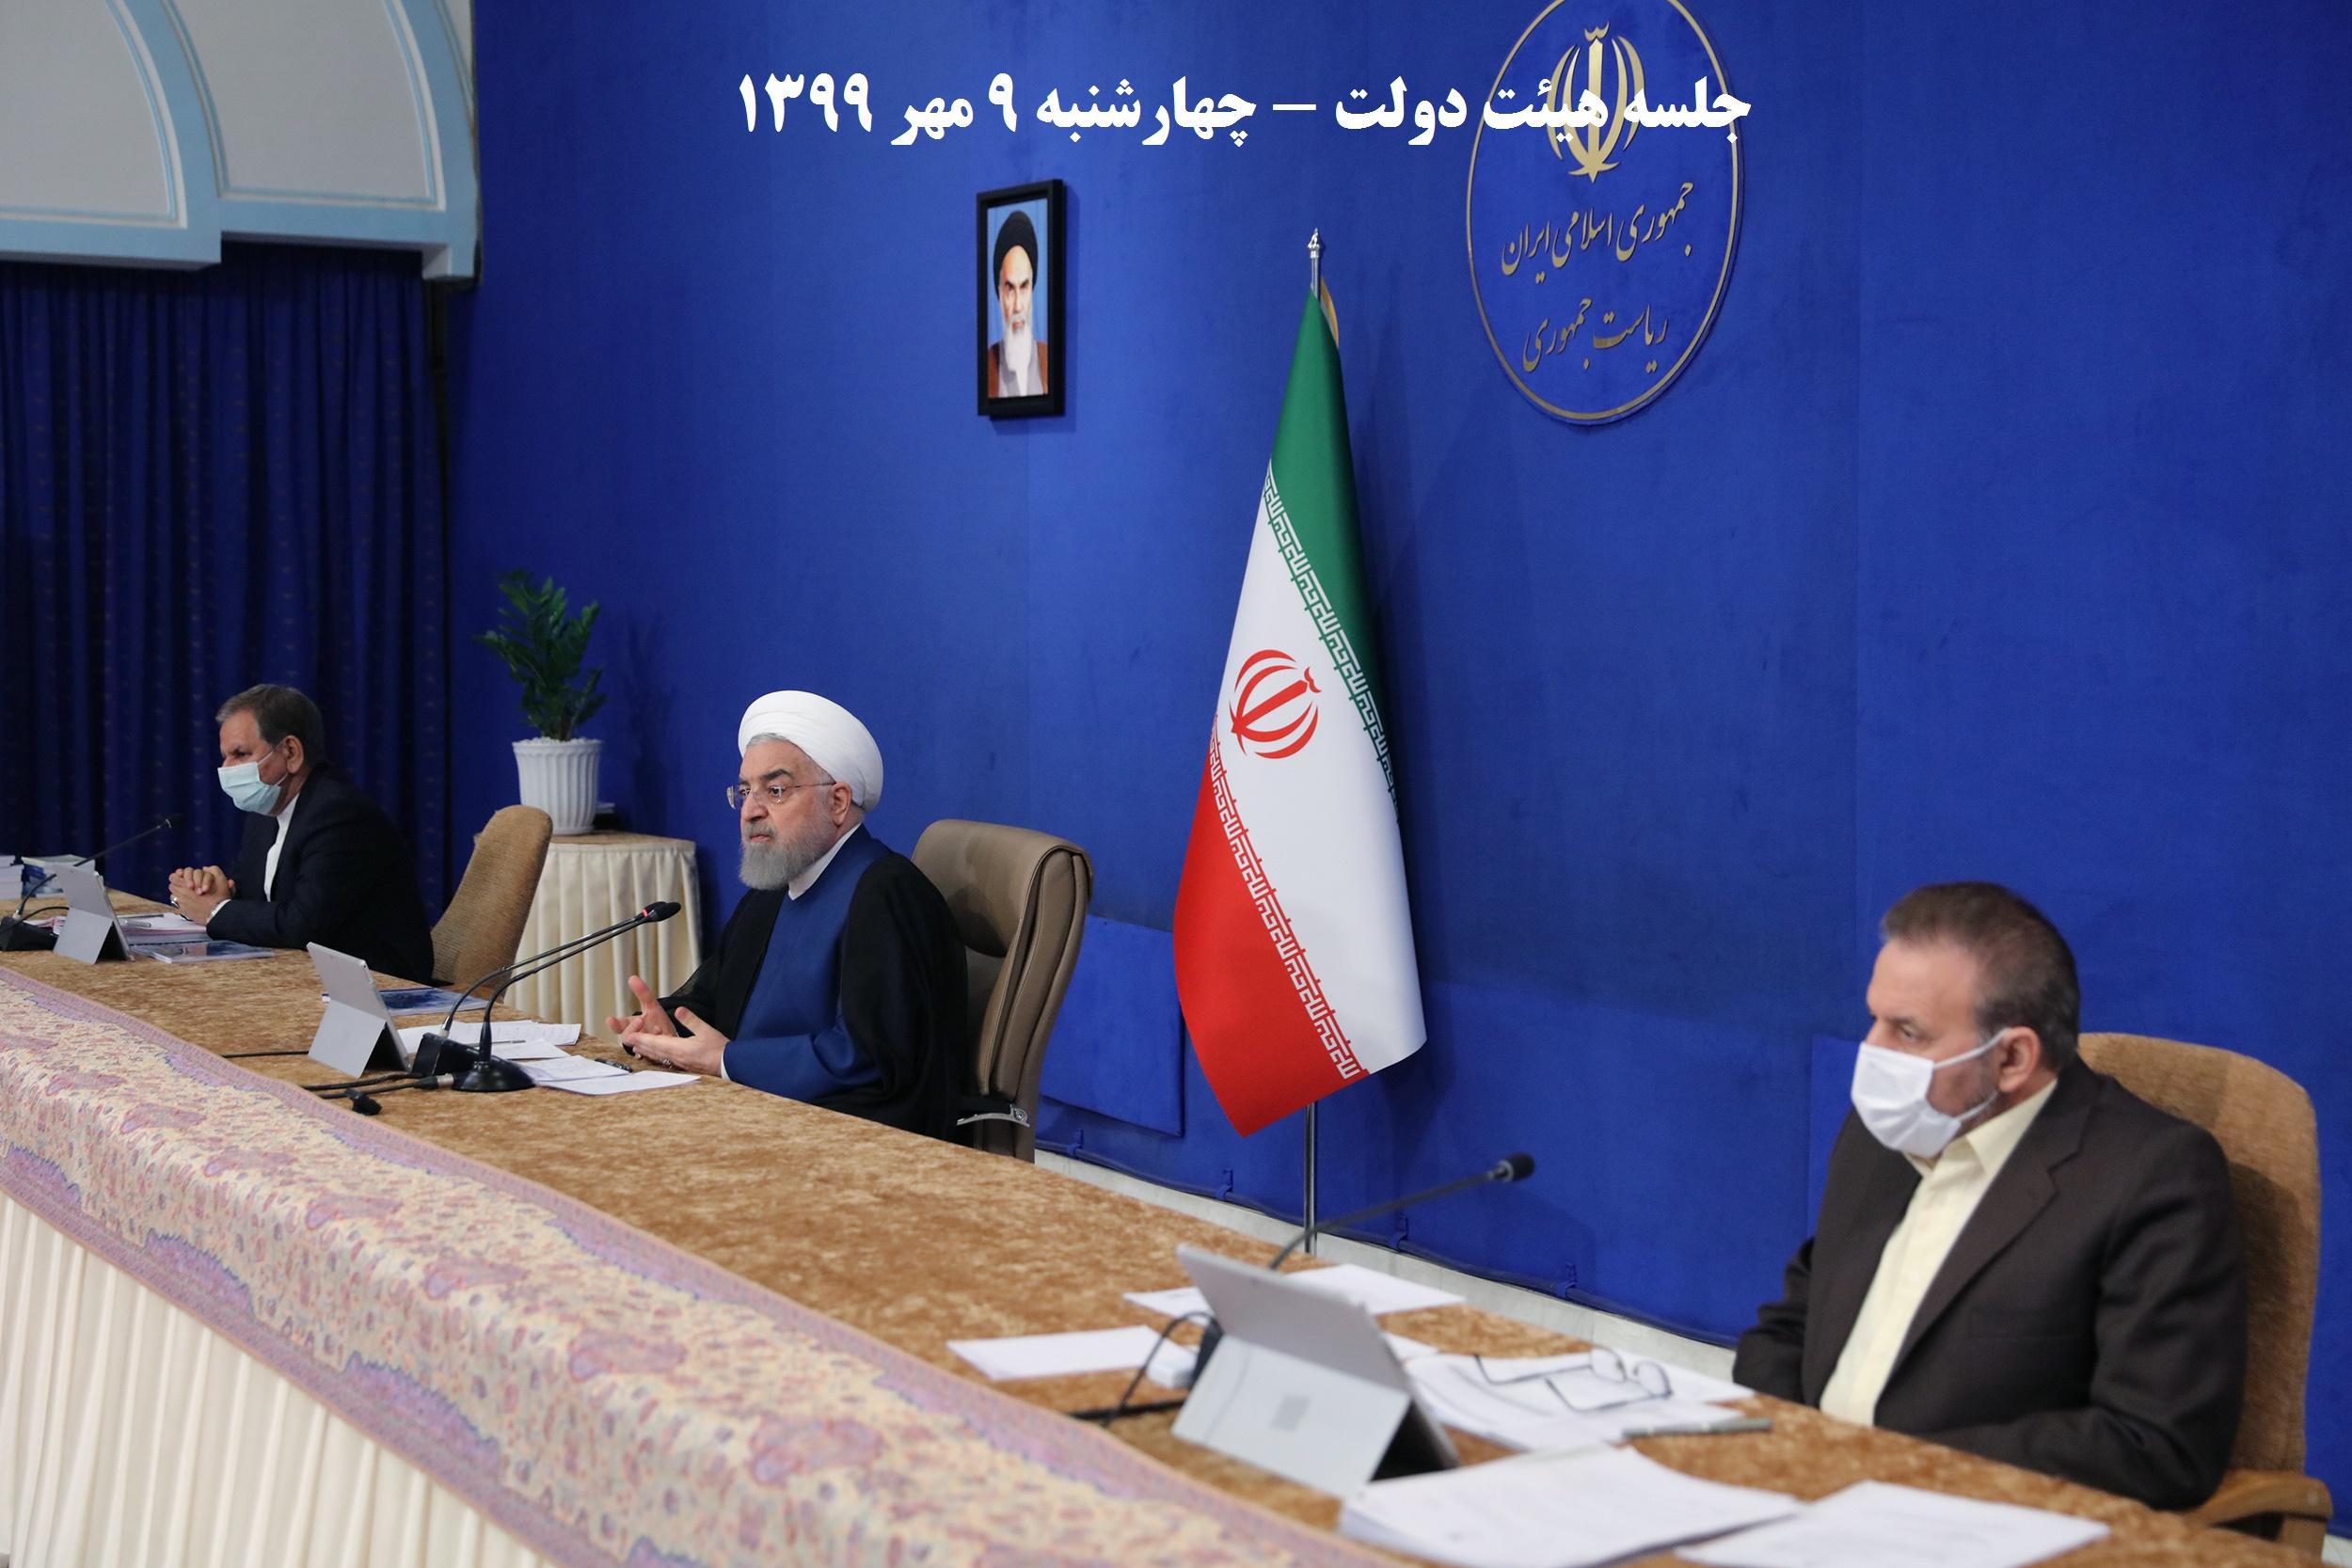 قدردانی رئیس جمهور از مجلس شورای اسلامی برای رأی اعتماد به وزیر صنعت، معدن و تجارت